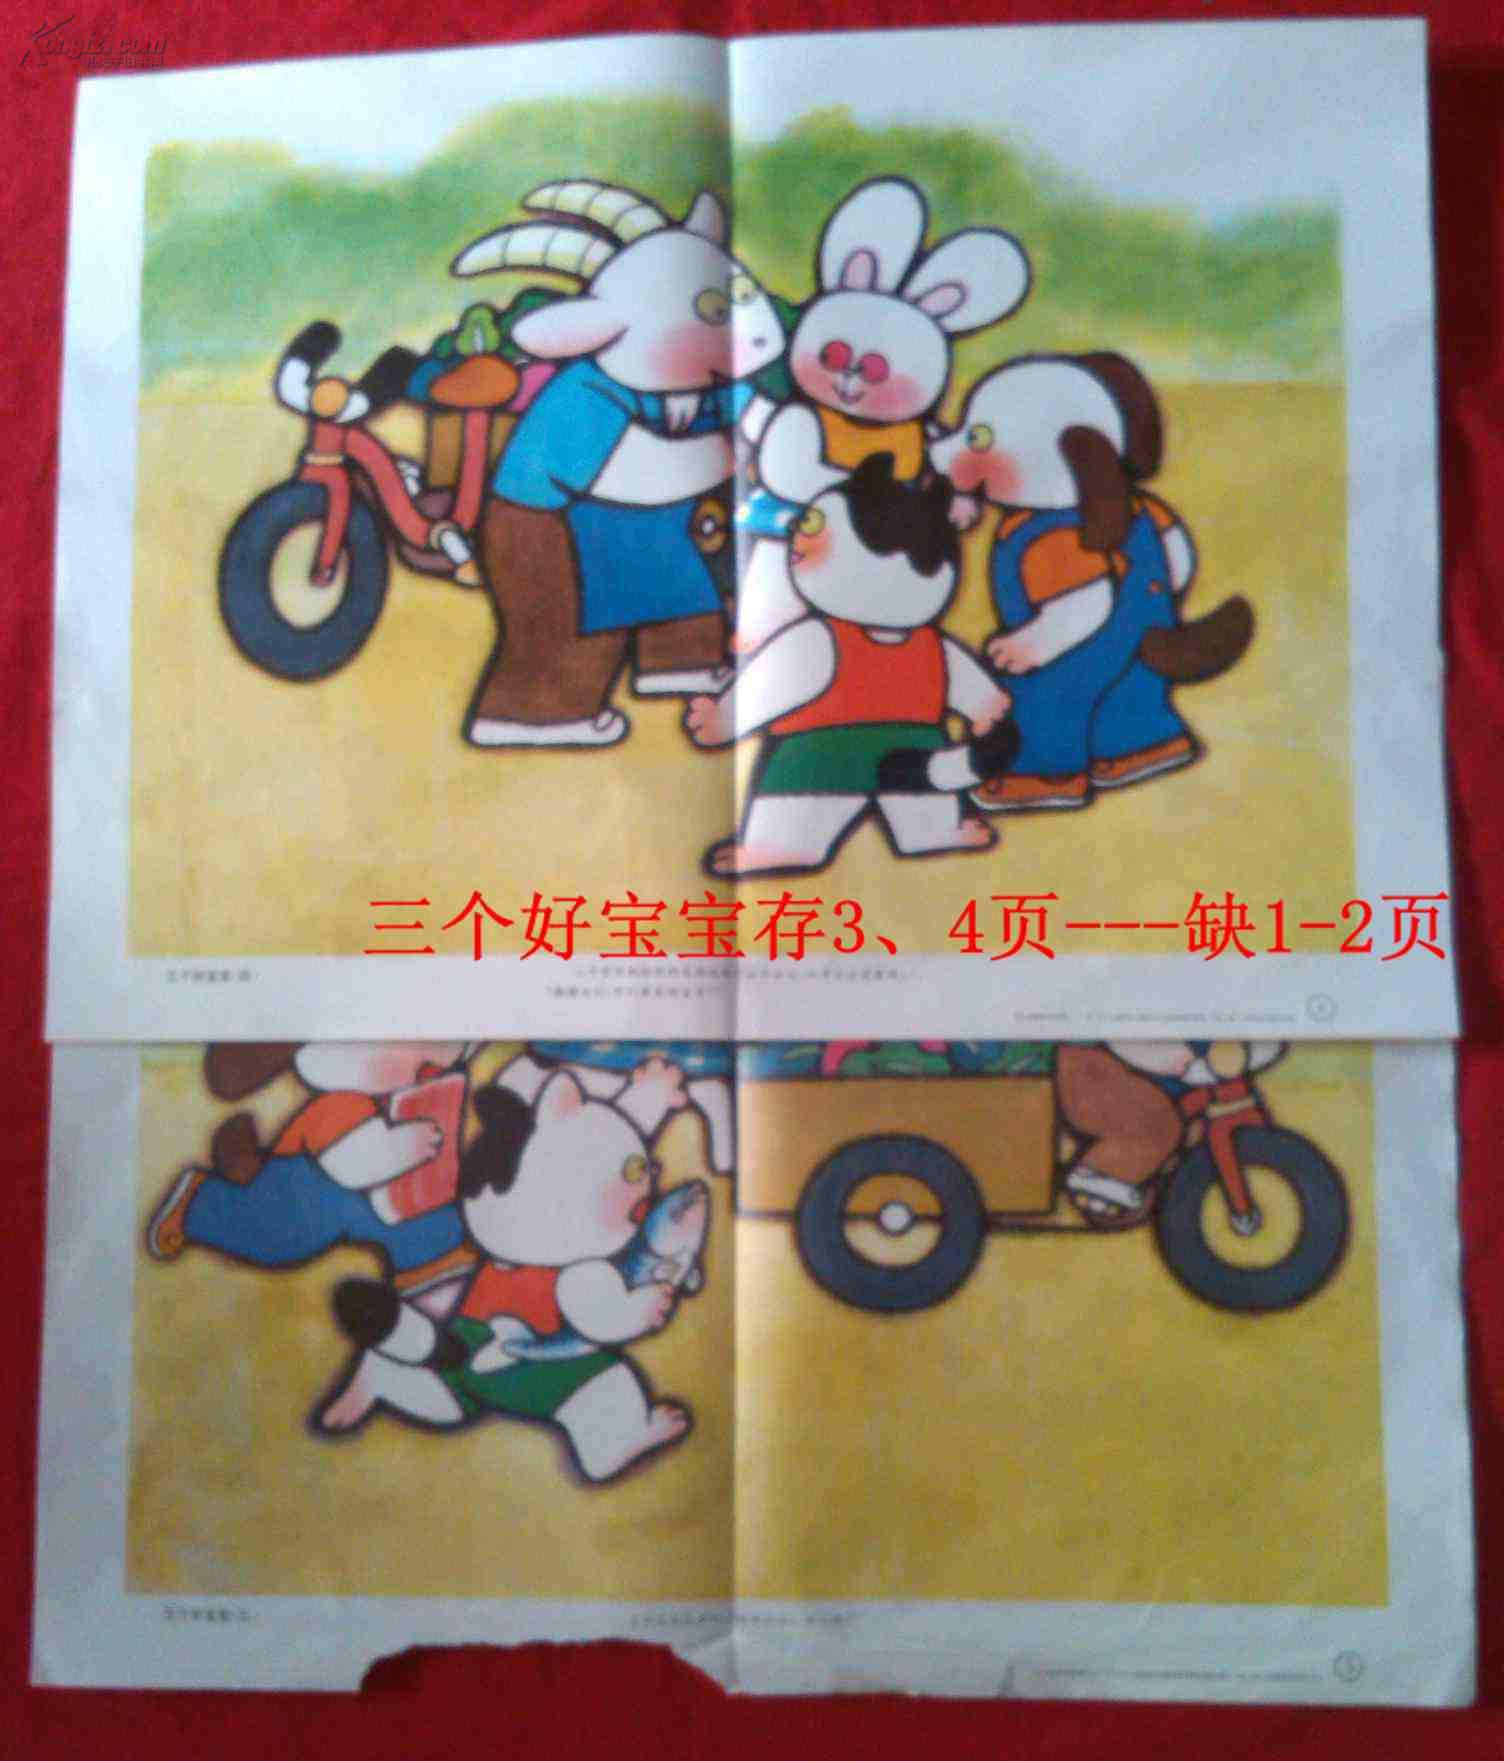 幼儿园看图讲述挂图(1)【20幅全,现存14幅】图片